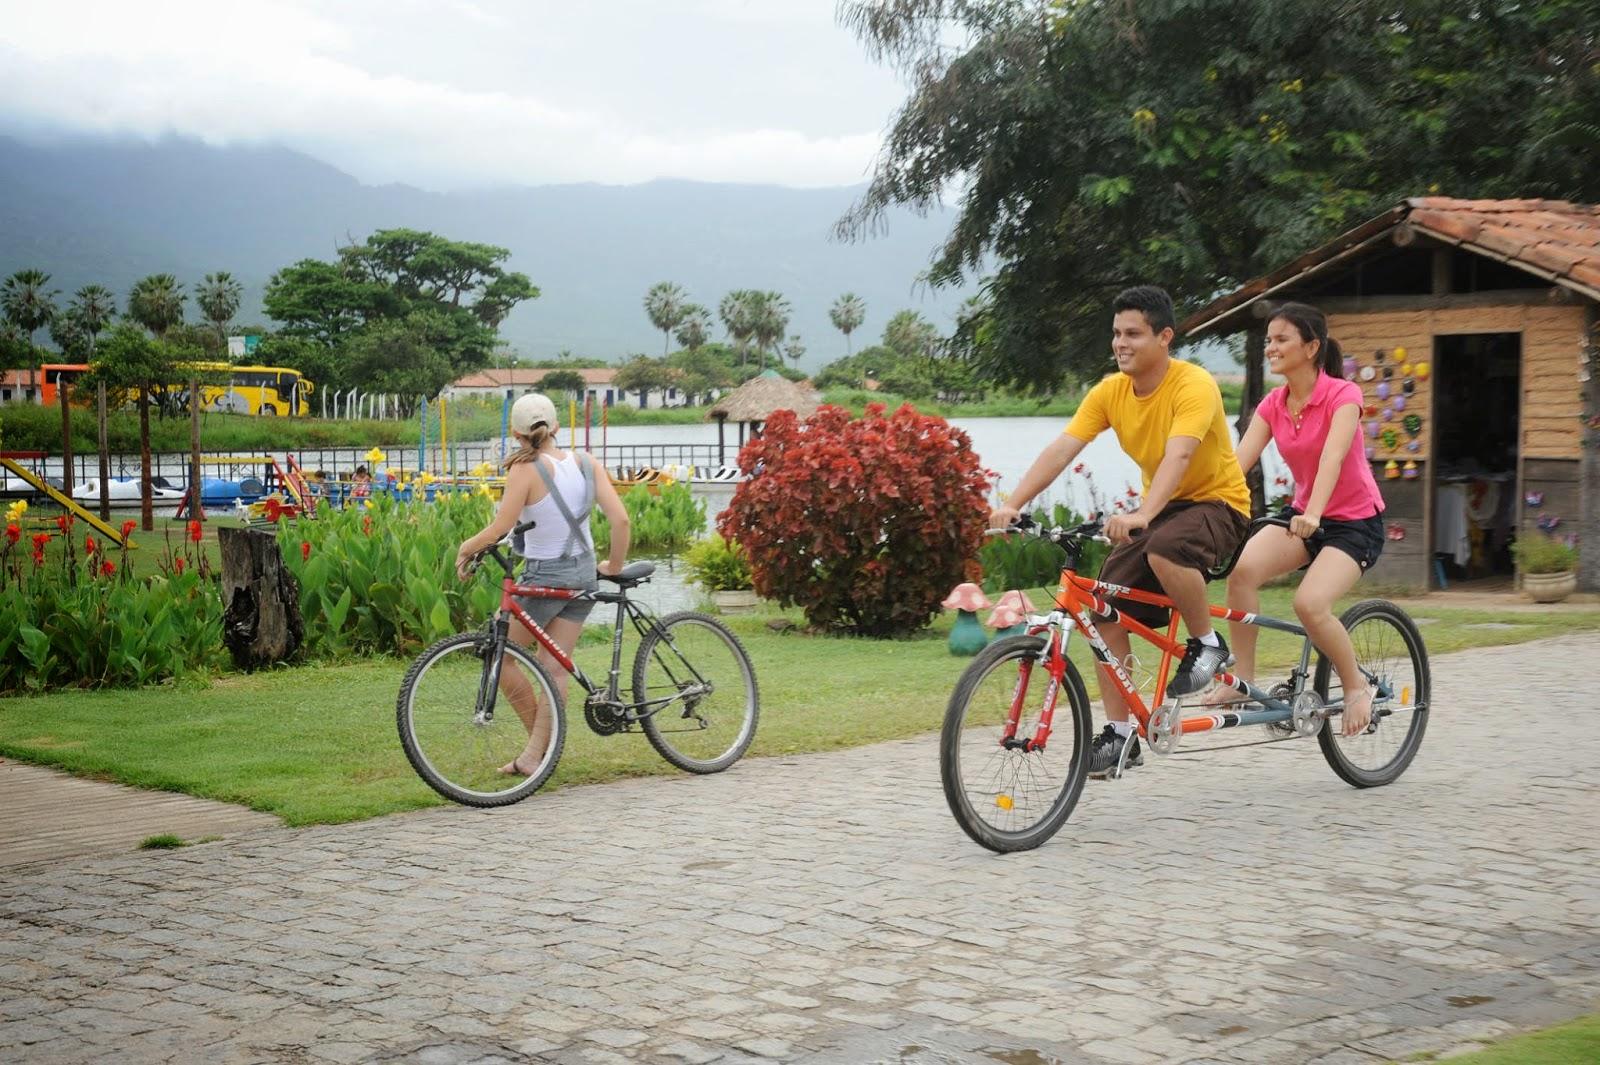 Aproveite suas férias no iPark! Ingresso de entrada + passeio de pedalinho + banho de piscina por apenas R$19,50